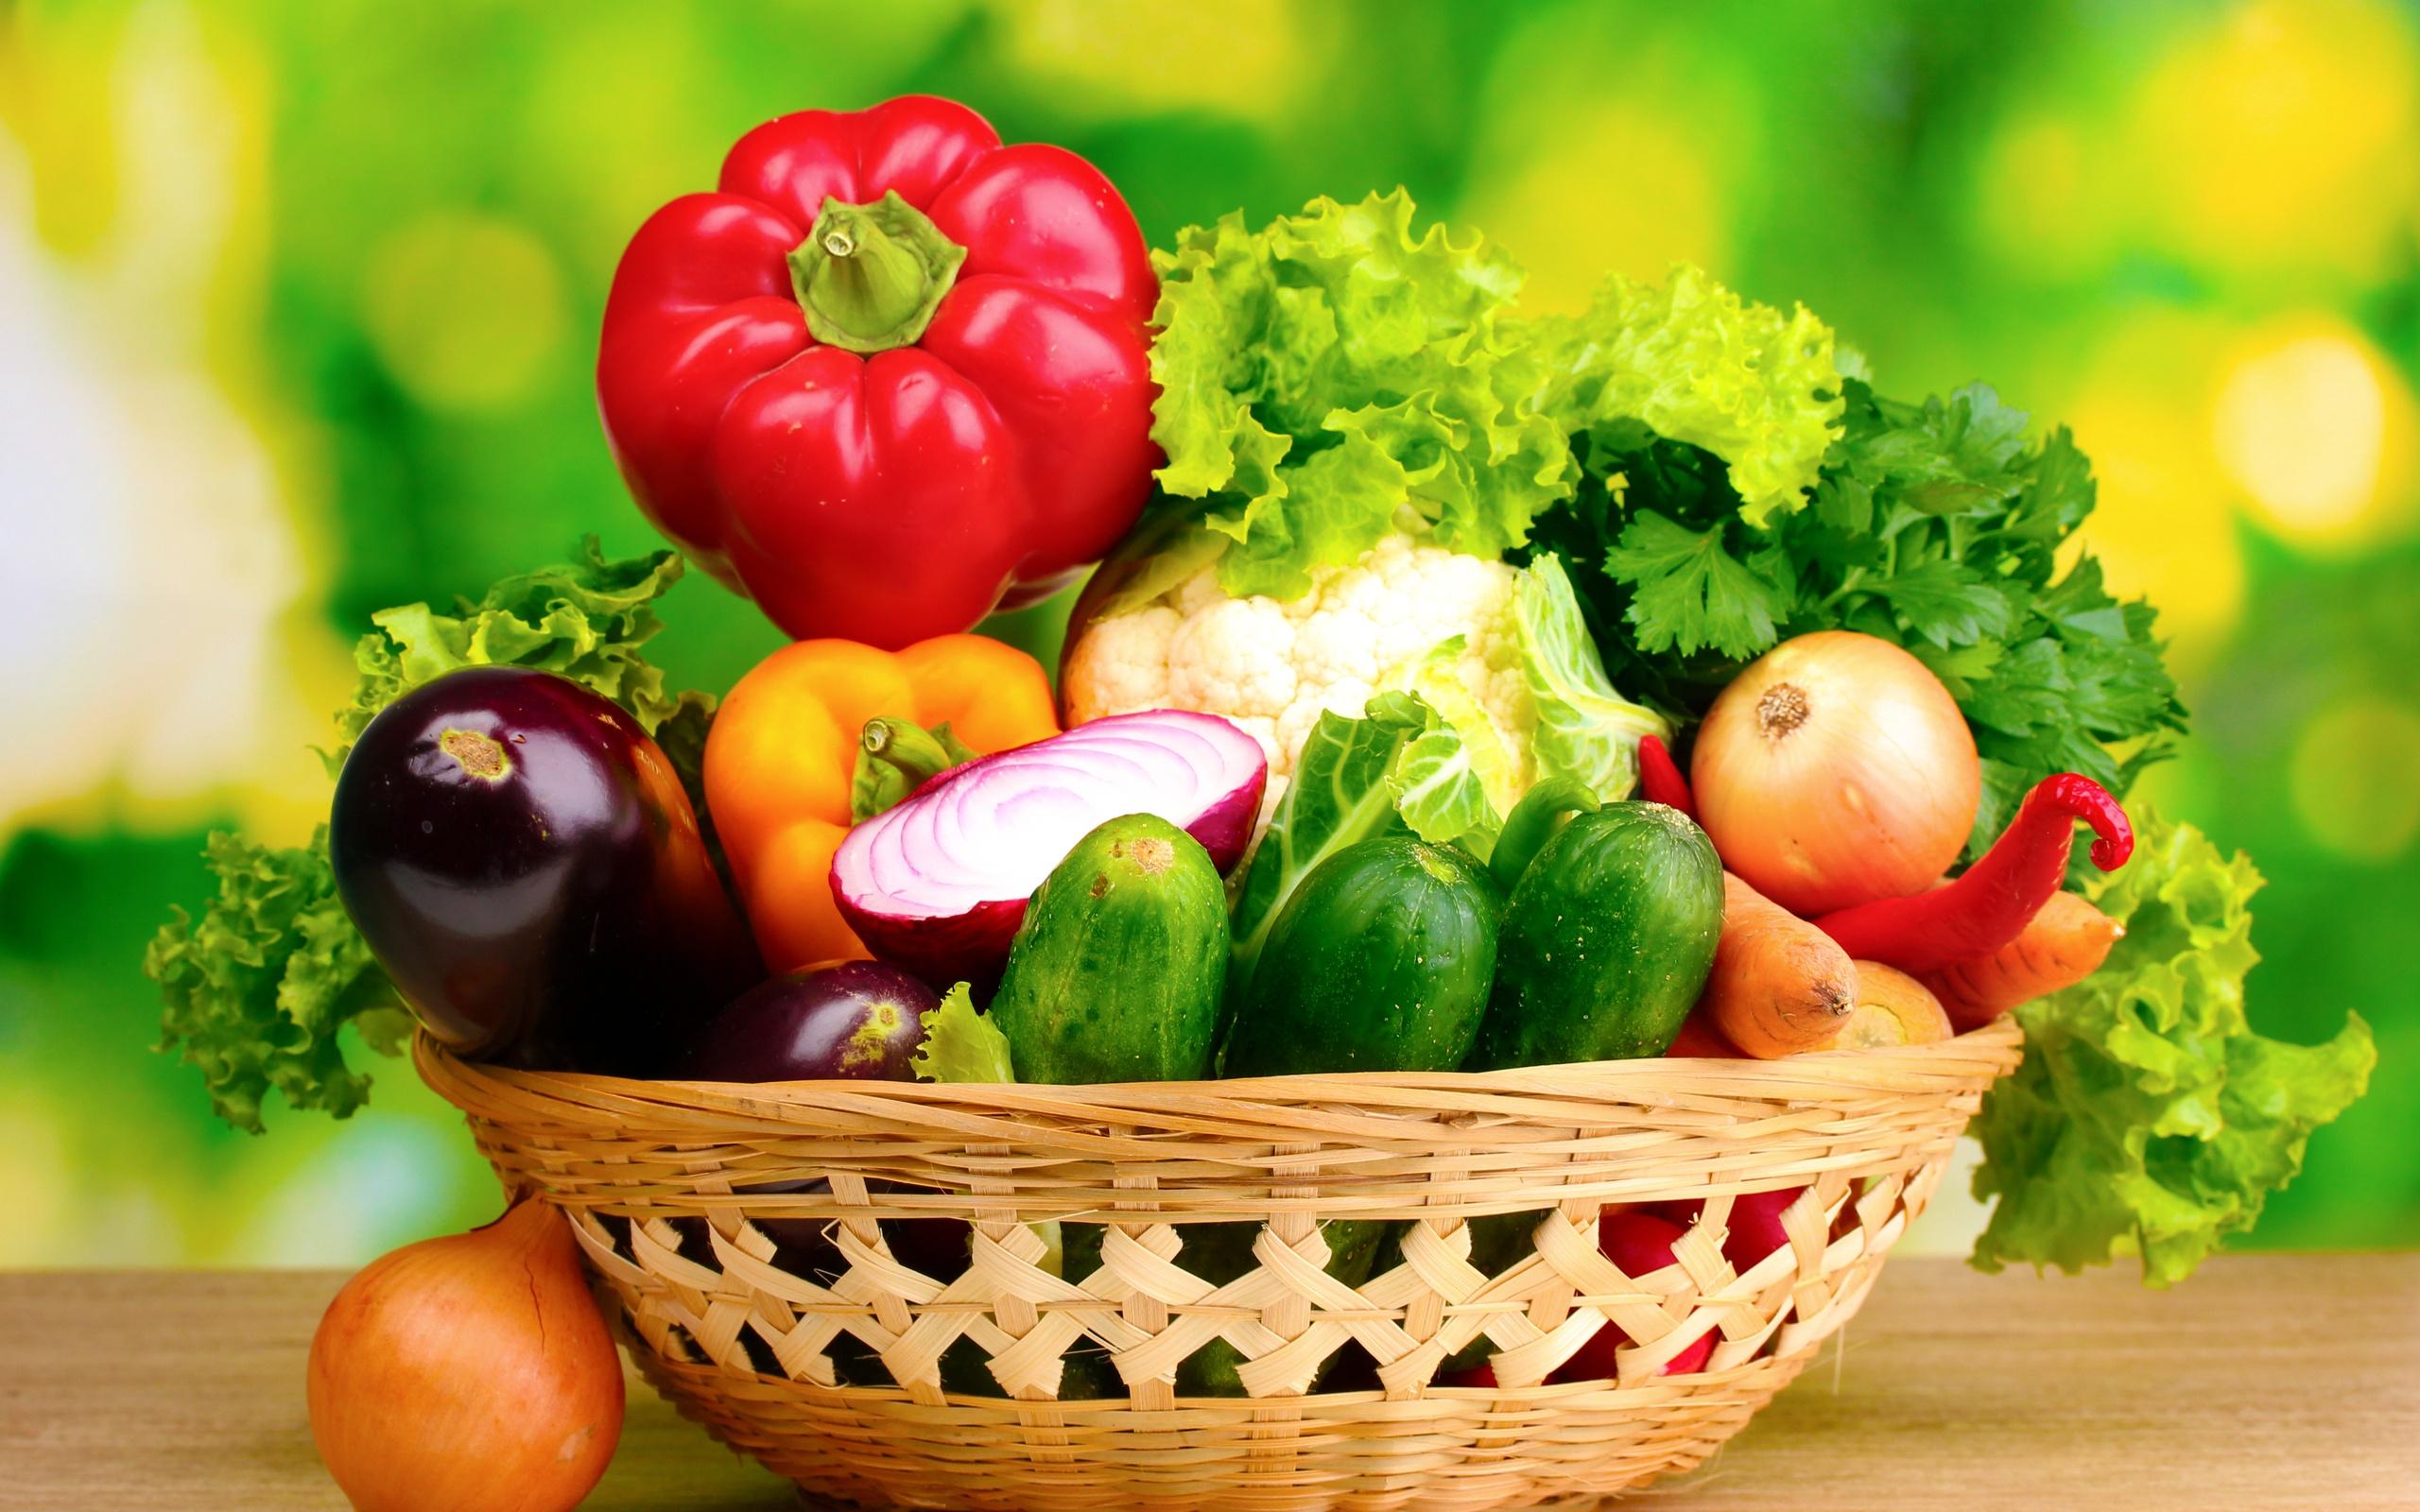 Sử dụng các rau củ có màu đỏ hỗ trợ giảm mụn trứng cá